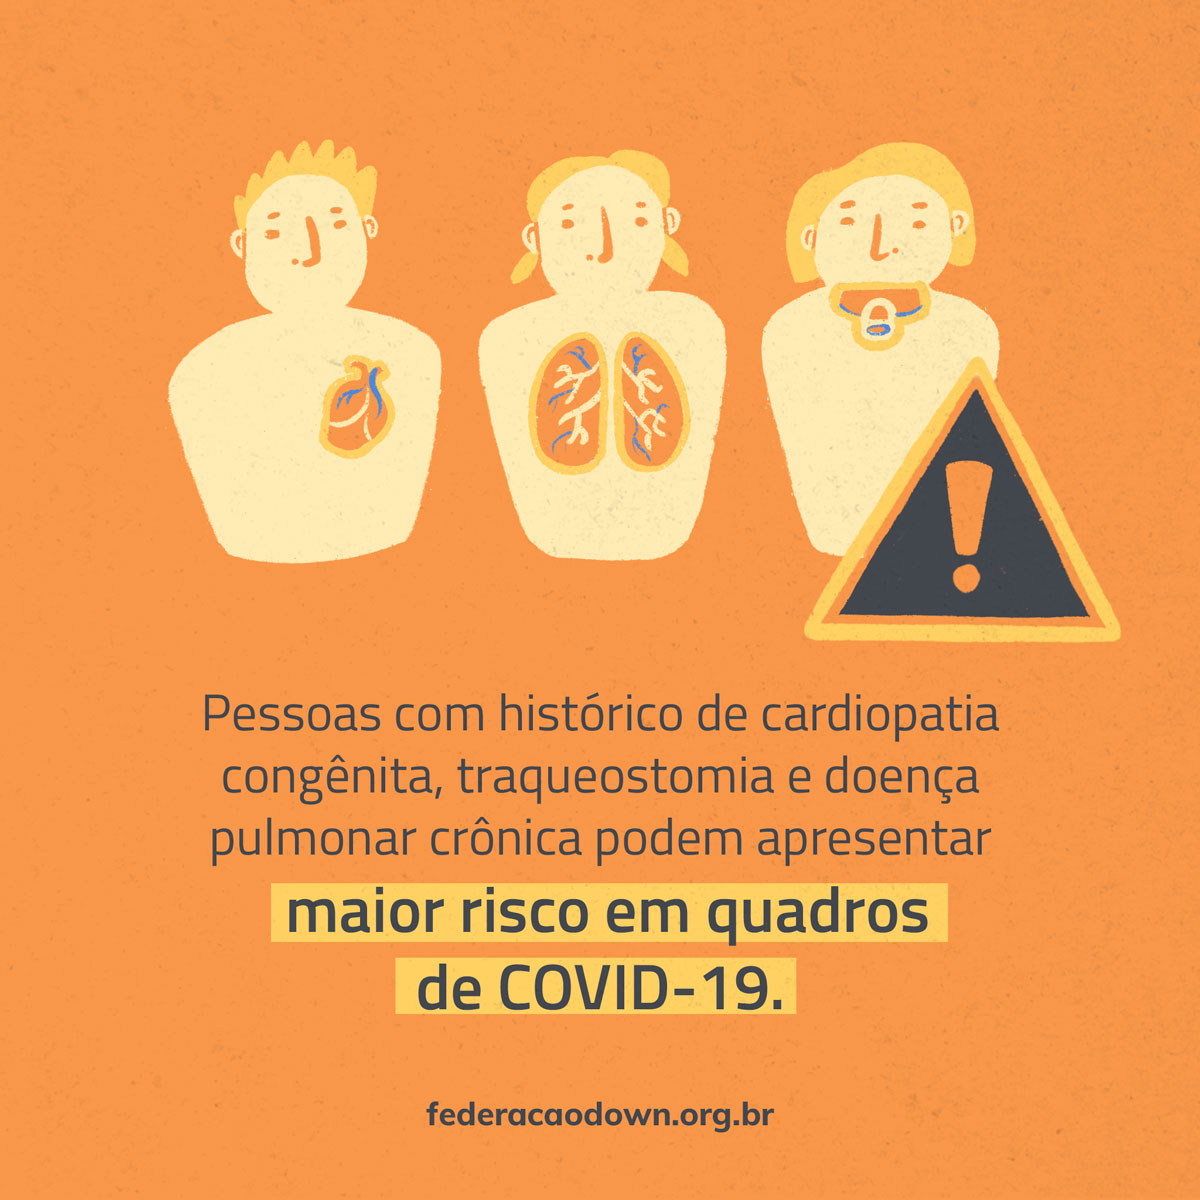 """Imagem: sobre fundo laranja, aparecem na metade superior da imagem a ilustração de três pessoas: a primeira delas é um adulto com o desenho de seu coração em destaque; a segunda, também adulta, tem destaque para seu pulmão; a terceira é uma criança, identificada por uma chupeta em sua boca, próximo a ela está um ponto de exclamação. Abaixo está em preto a frase: """"Pessoas com histórico de cardiopatia congênita, traqueostomia e doença pulmonar crônica podem apresentar maior risco em quadros de COVID-19"""". A seguir surge o site federacaodown.org.br."""